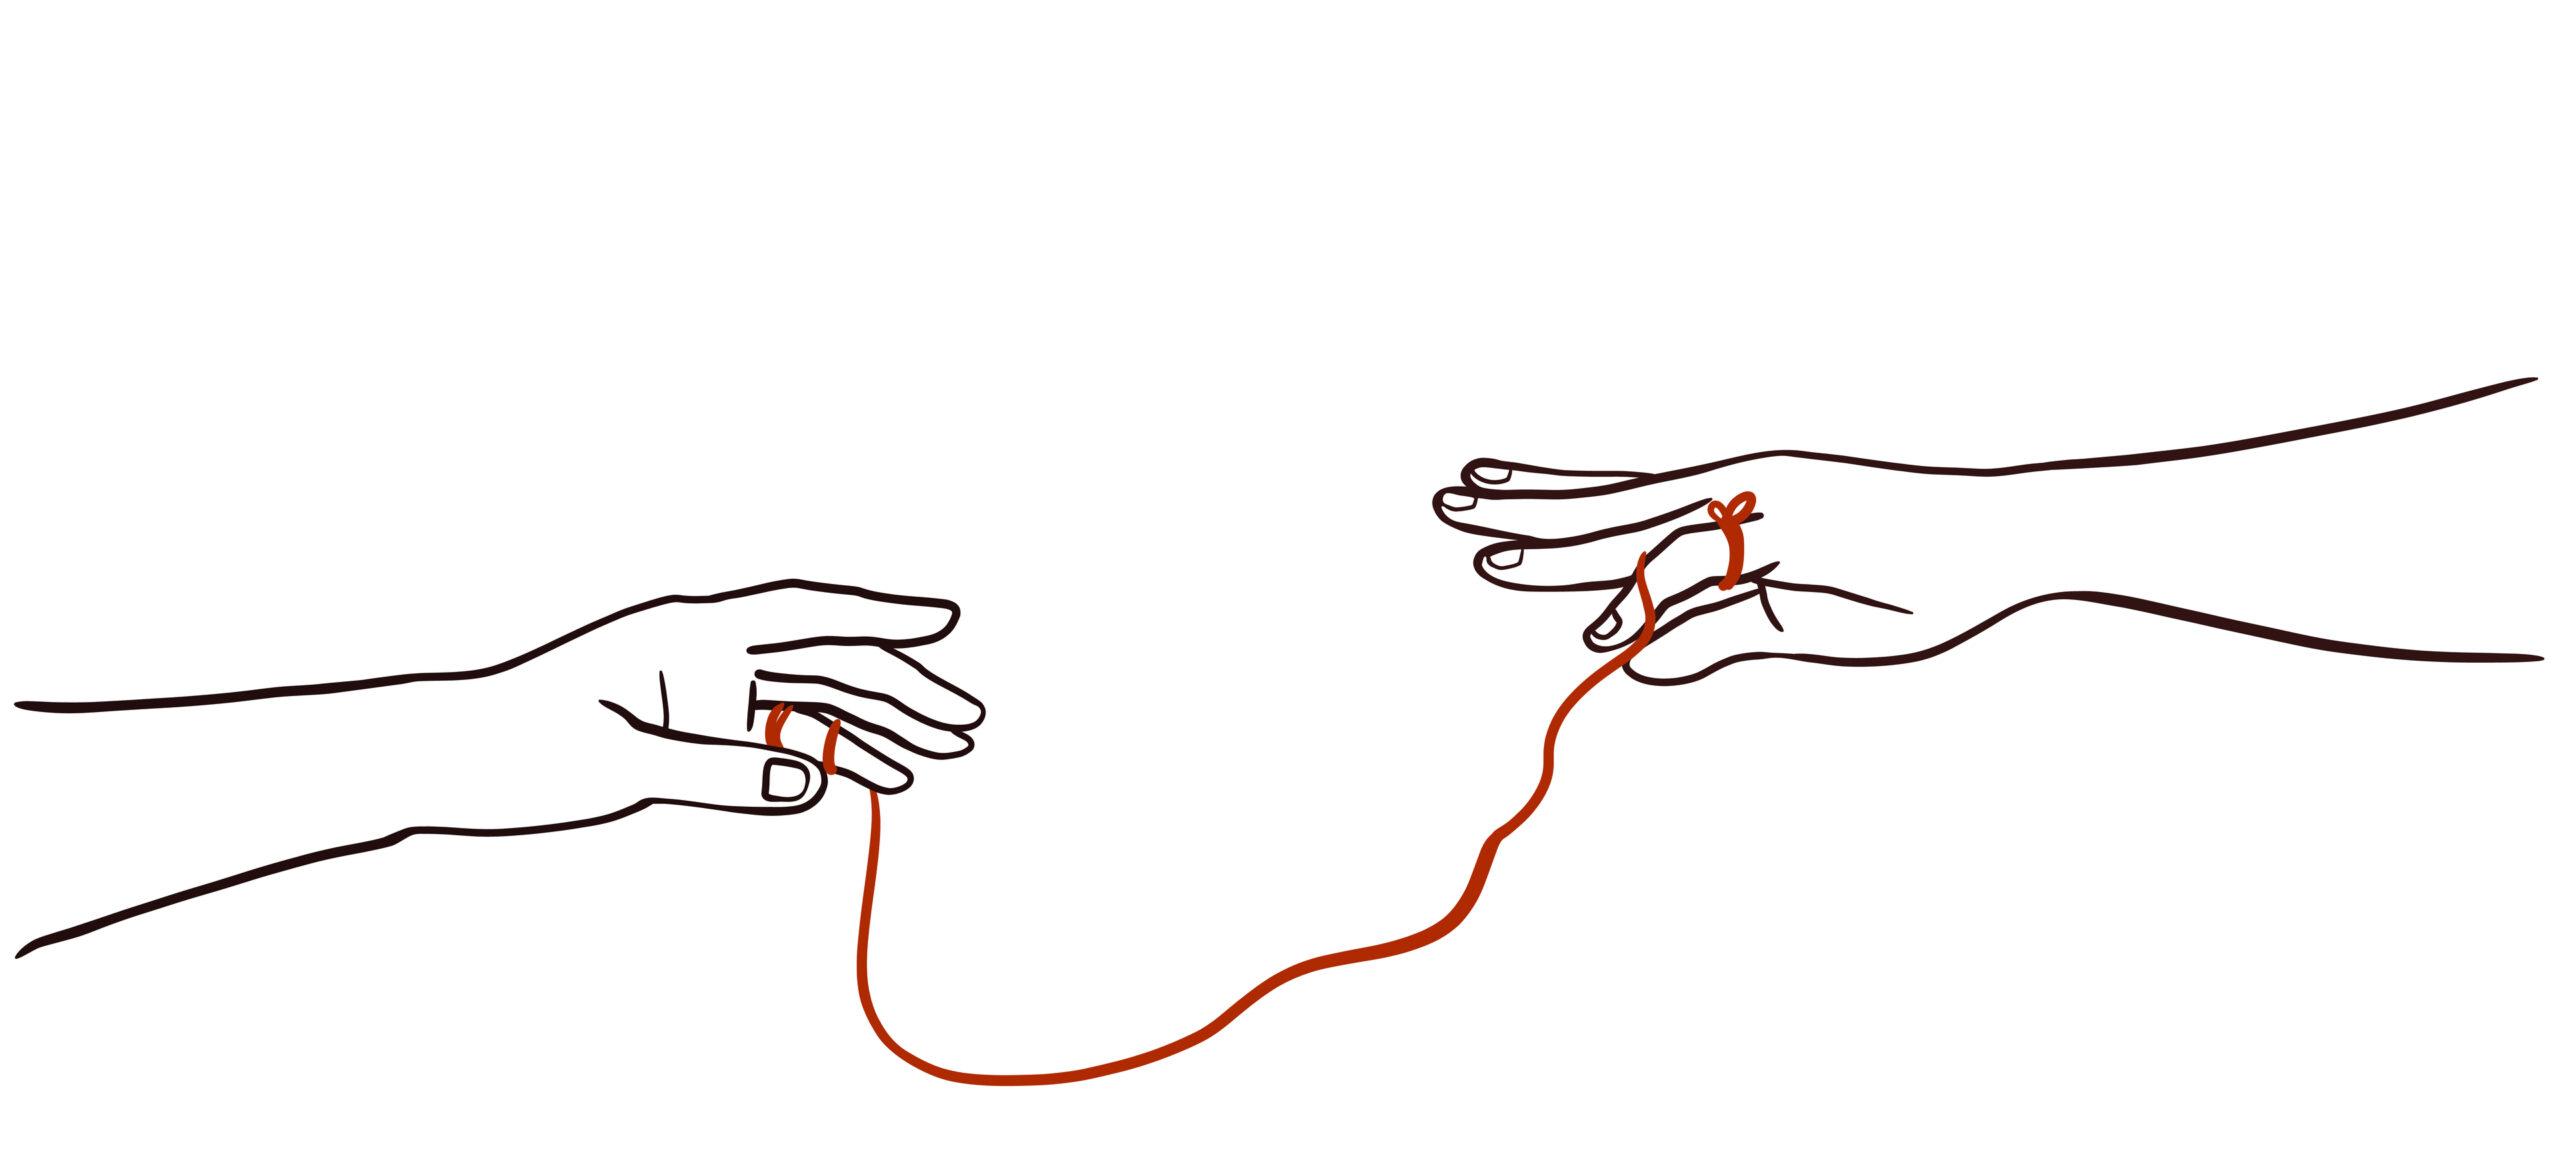 私の赤い糸はどこへやら?